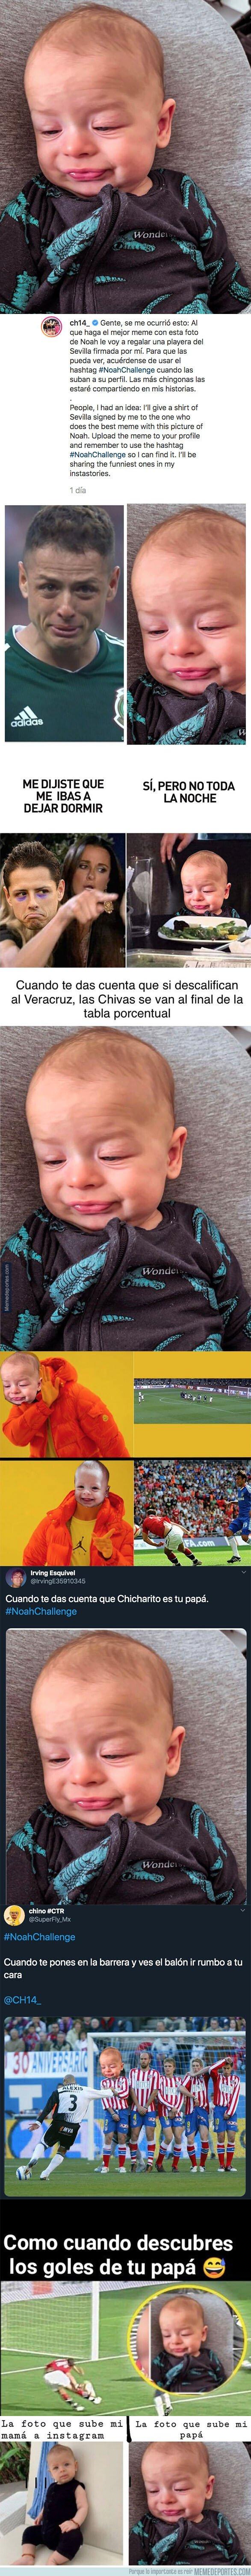 1088705 - Chicharito lanzó el reto #NoahChallenge que consiste en hacer el mejor 'meme' con una curiosa fotografía de su hijo y el ganador tendrá este premio